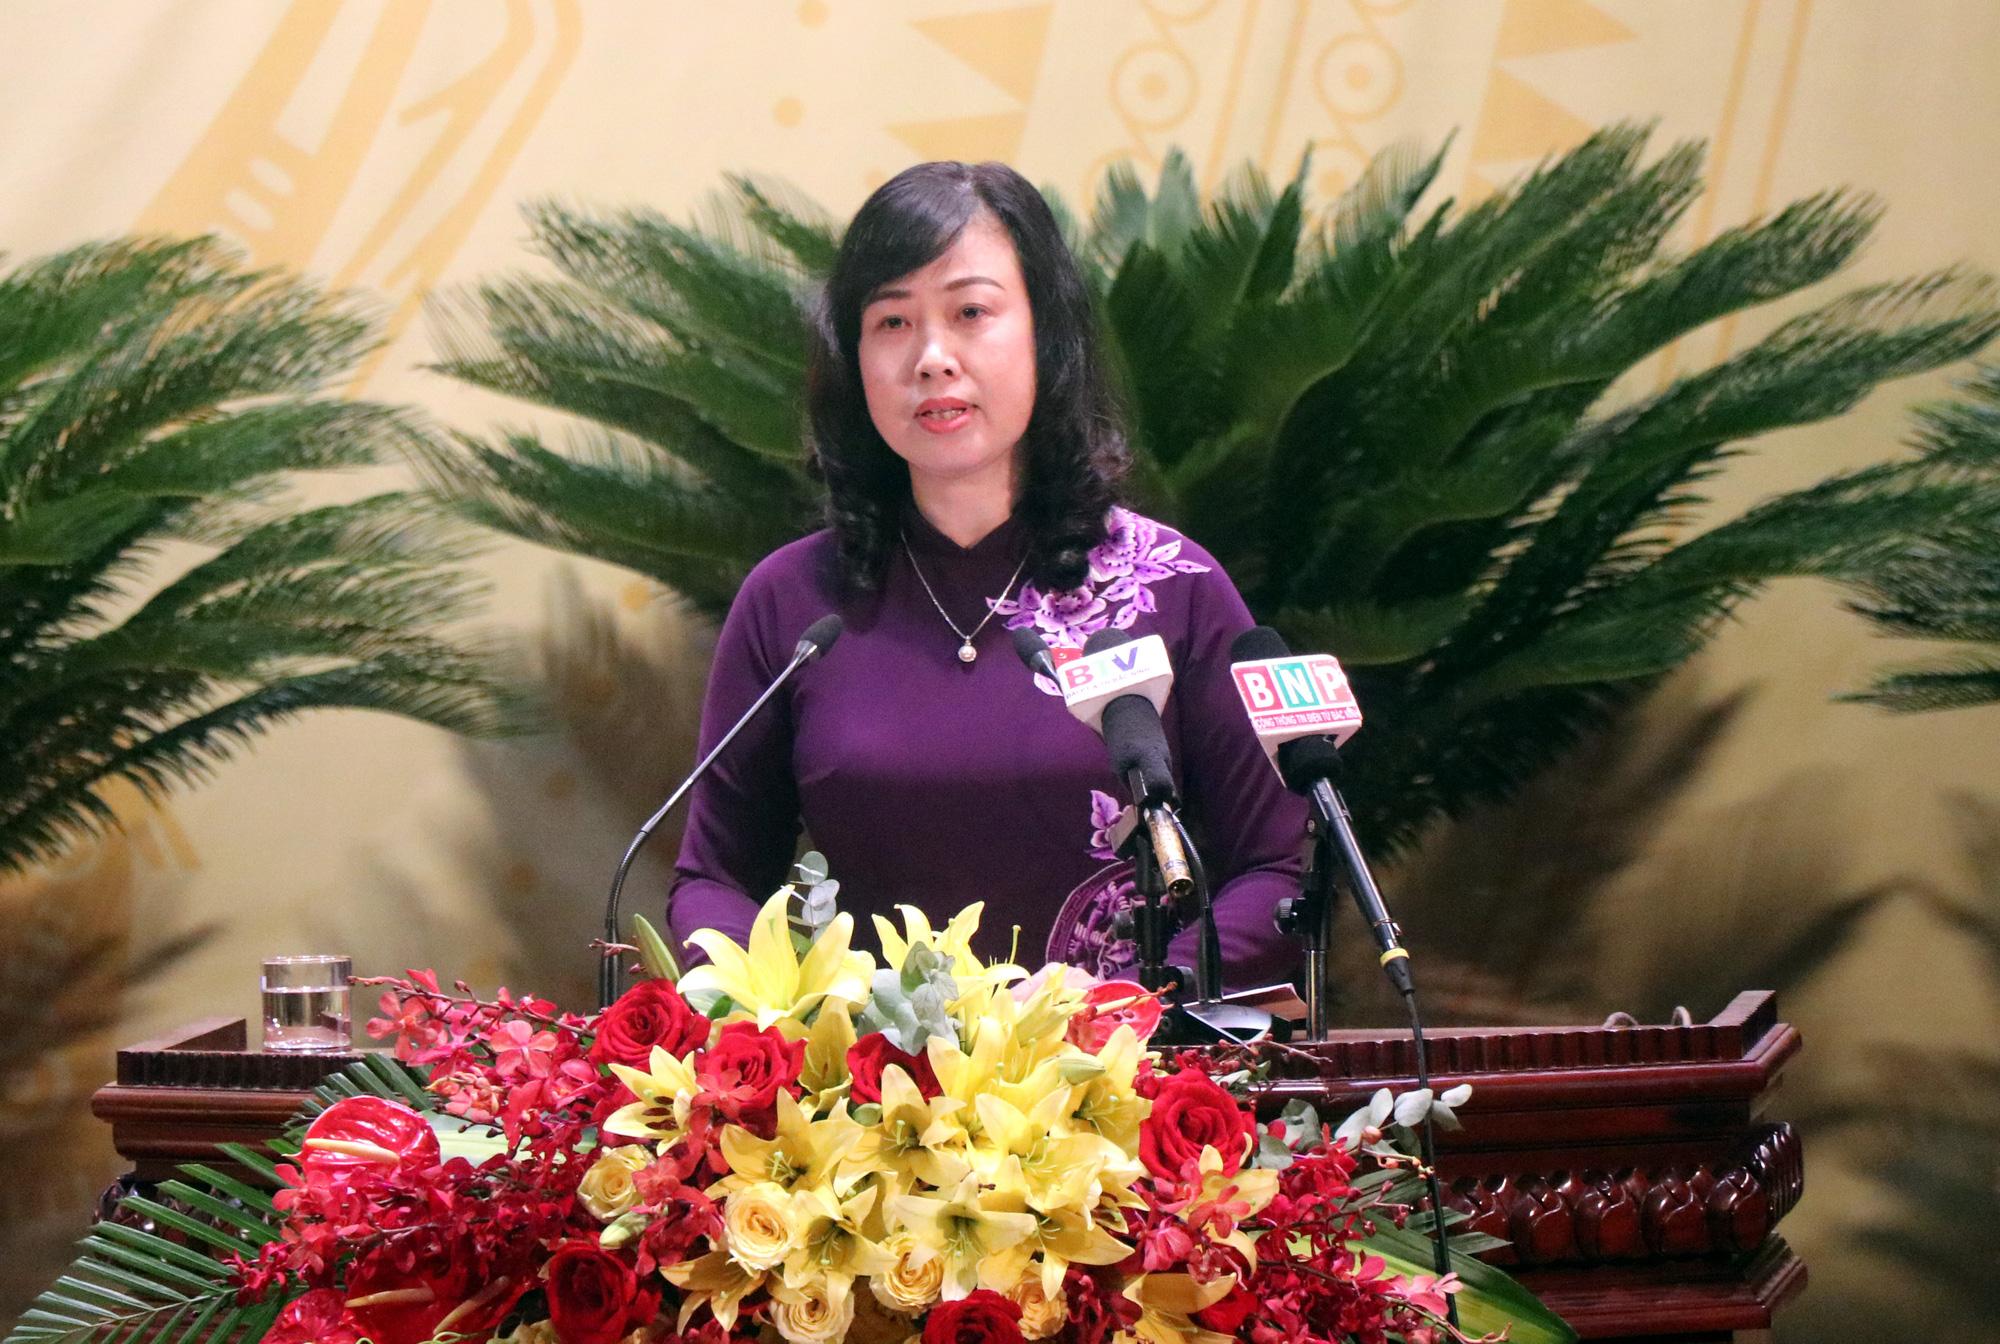 Bắc Ninh: Bí thư Tỉnh ủy Đào Hồng Lan đủ tiêu chuẩn ứng cử đại biểu Quốc hội khóa XV - Ảnh 1.